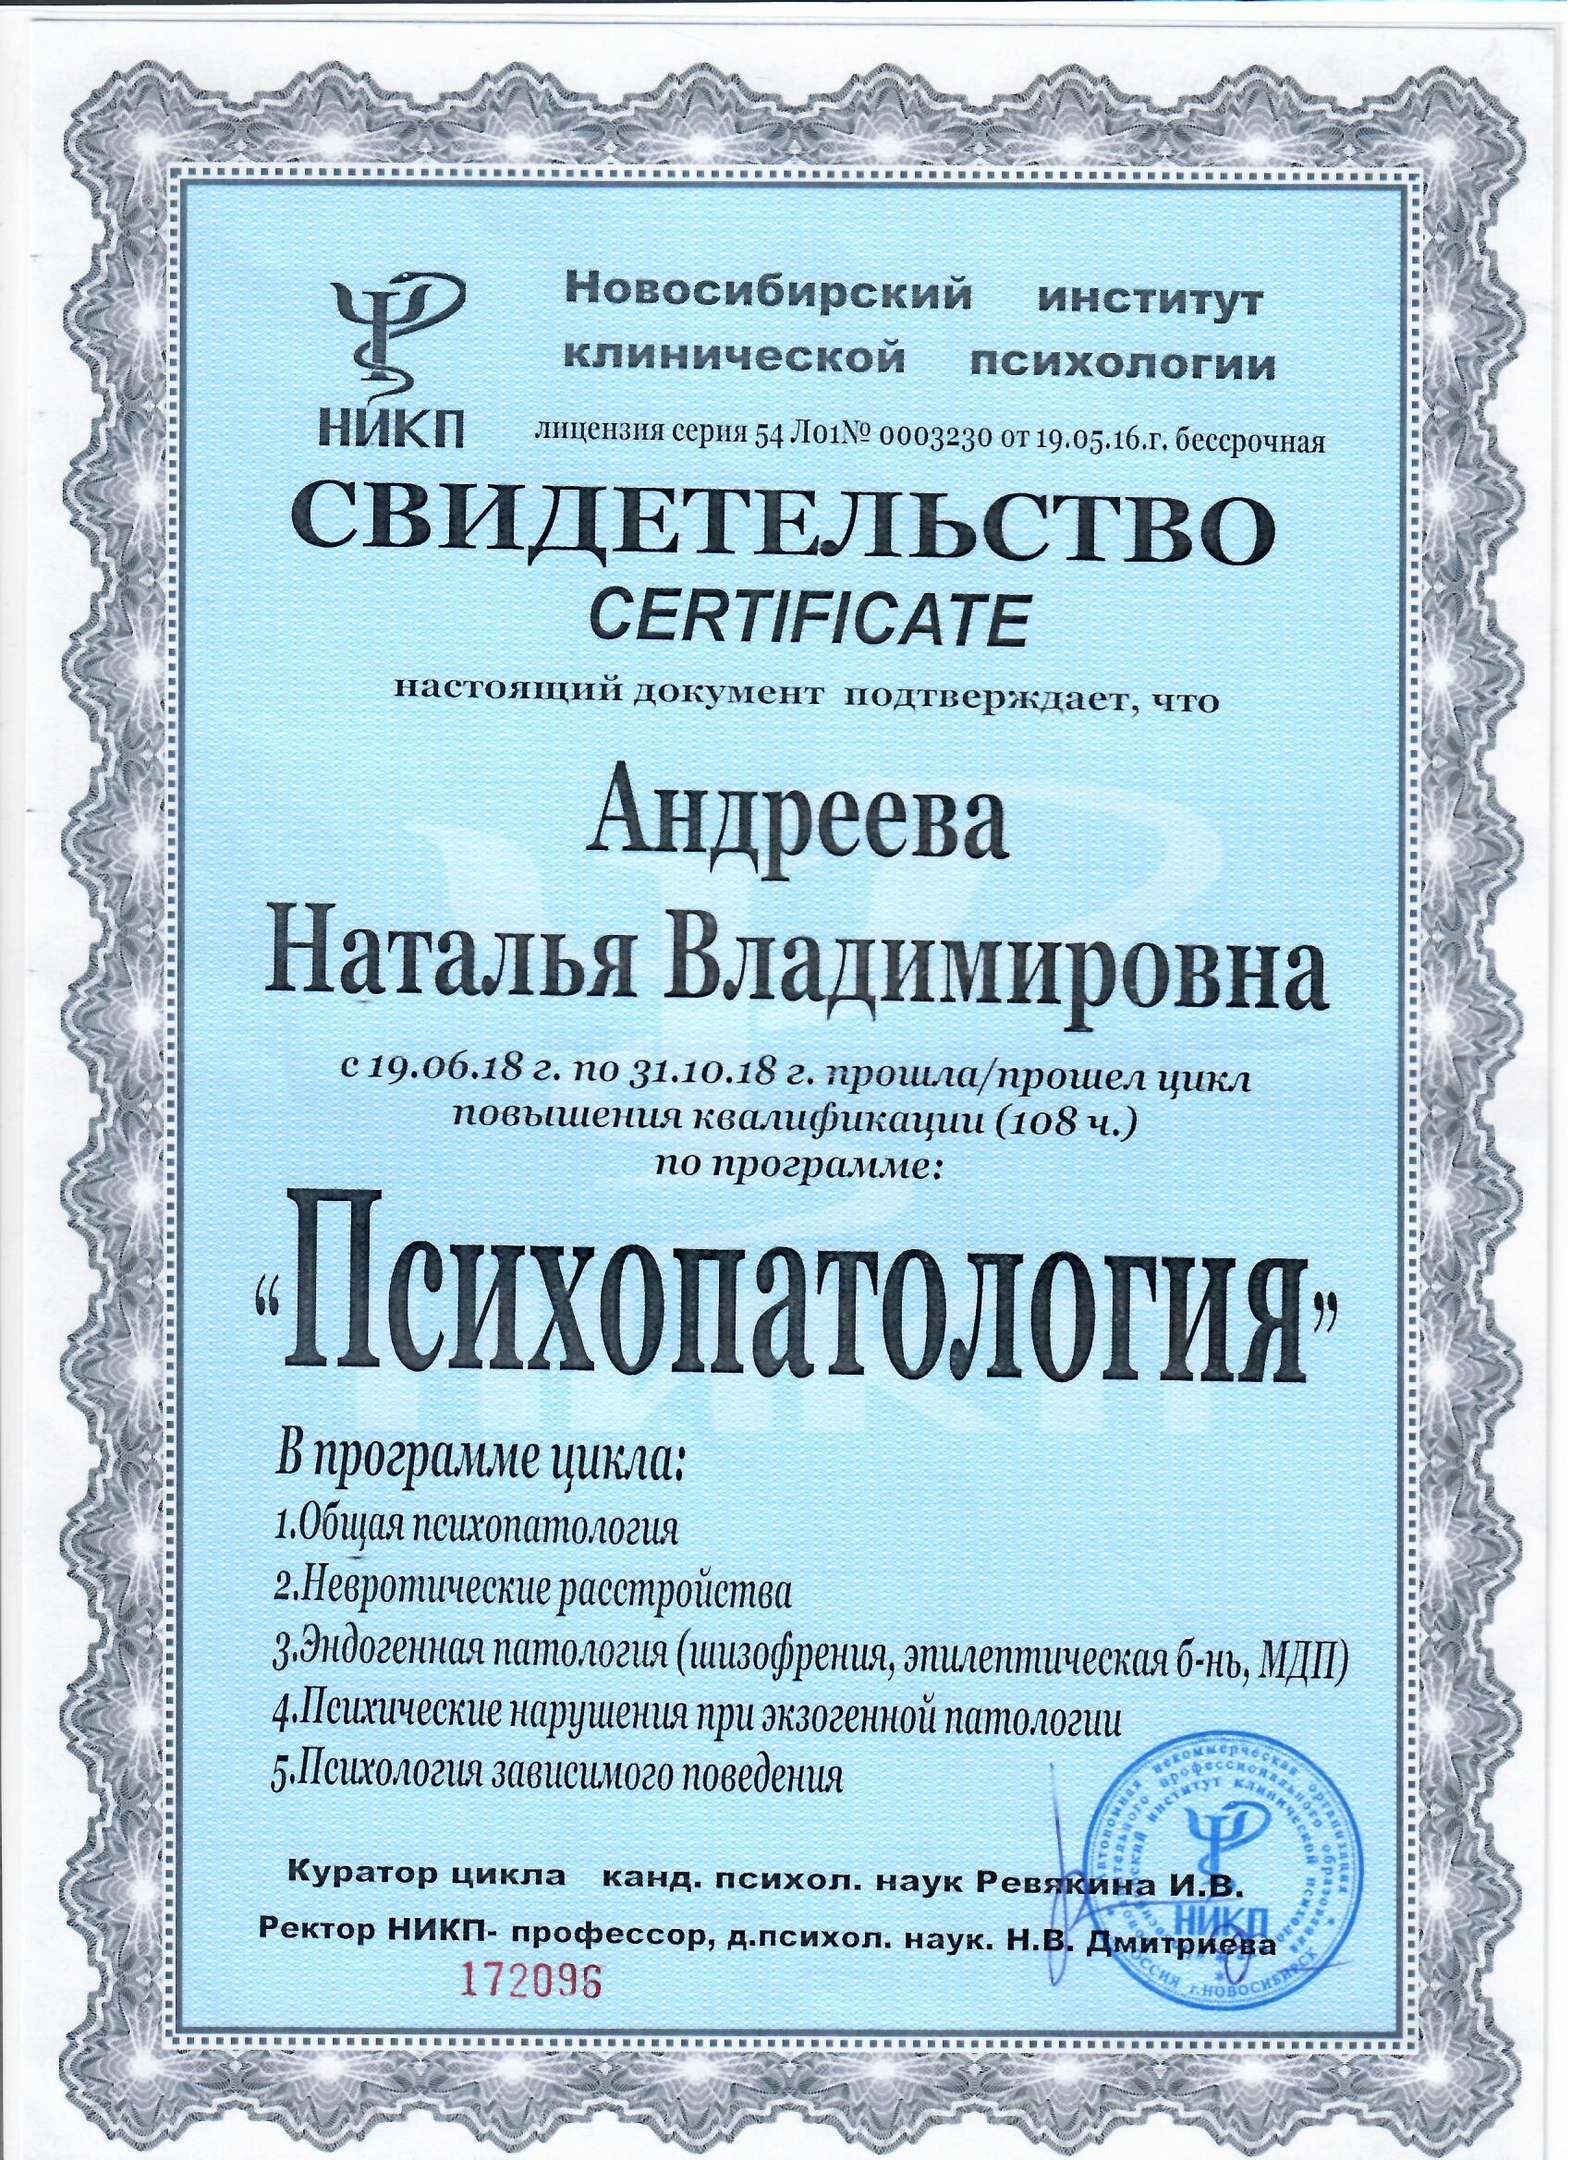 Сертификат Новосибирского института клинической психологии психолога Натальи Андреевой